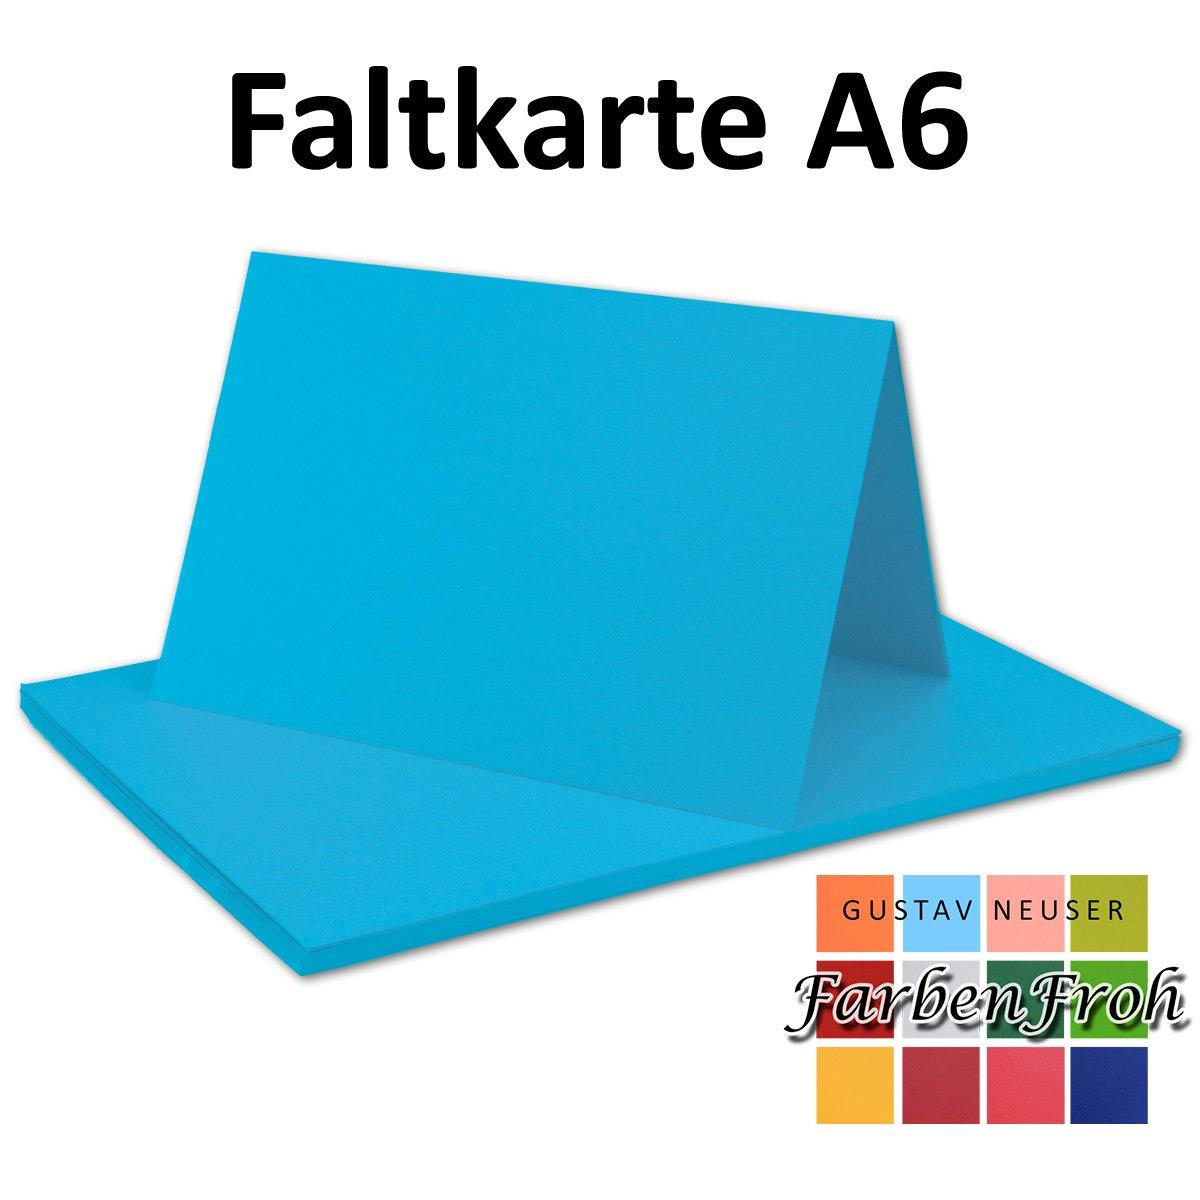 150x 150x 150x Falt-Karten DIN A6 Blanko Doppel-Karten in Vanille -10,5 x 14,8 cm   Premium Qualität   FarbenFroh® B079VLHT3Q | Ästhetisches Aussehen  144939